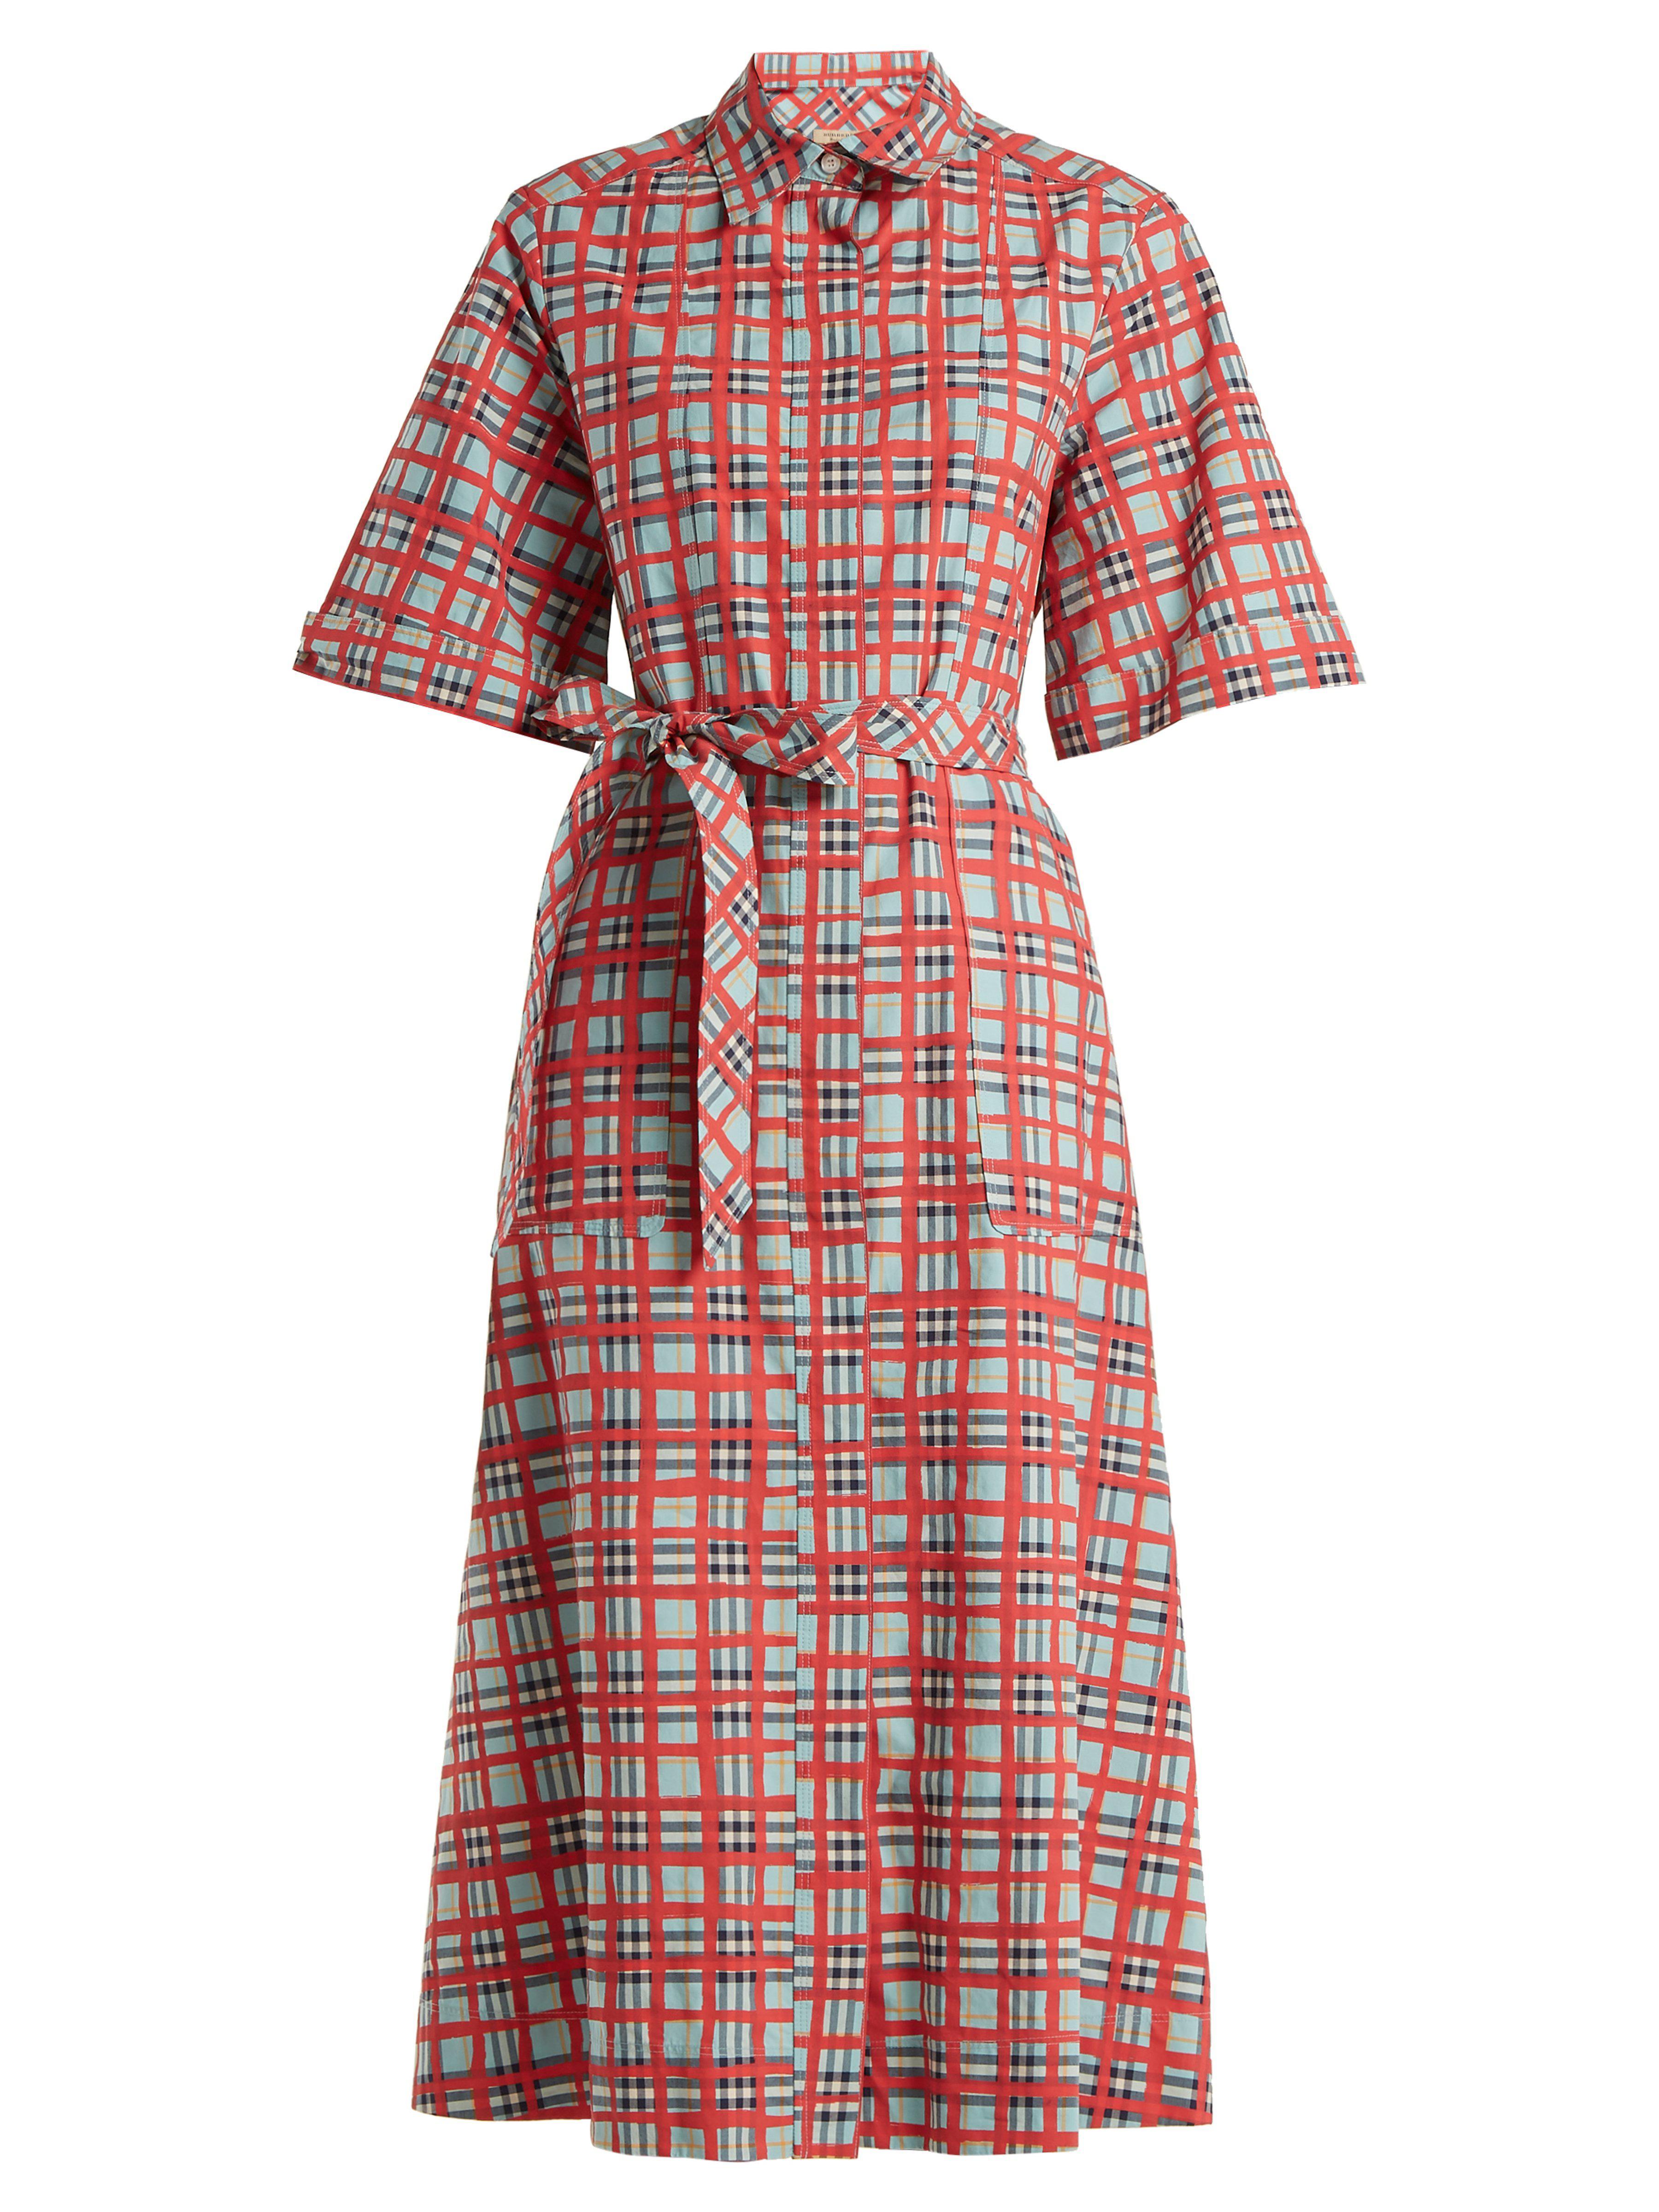 Lyst - Robe-chemise en coton à carreaux Carmen Burberry en coloris Rouge a264e90ec7a